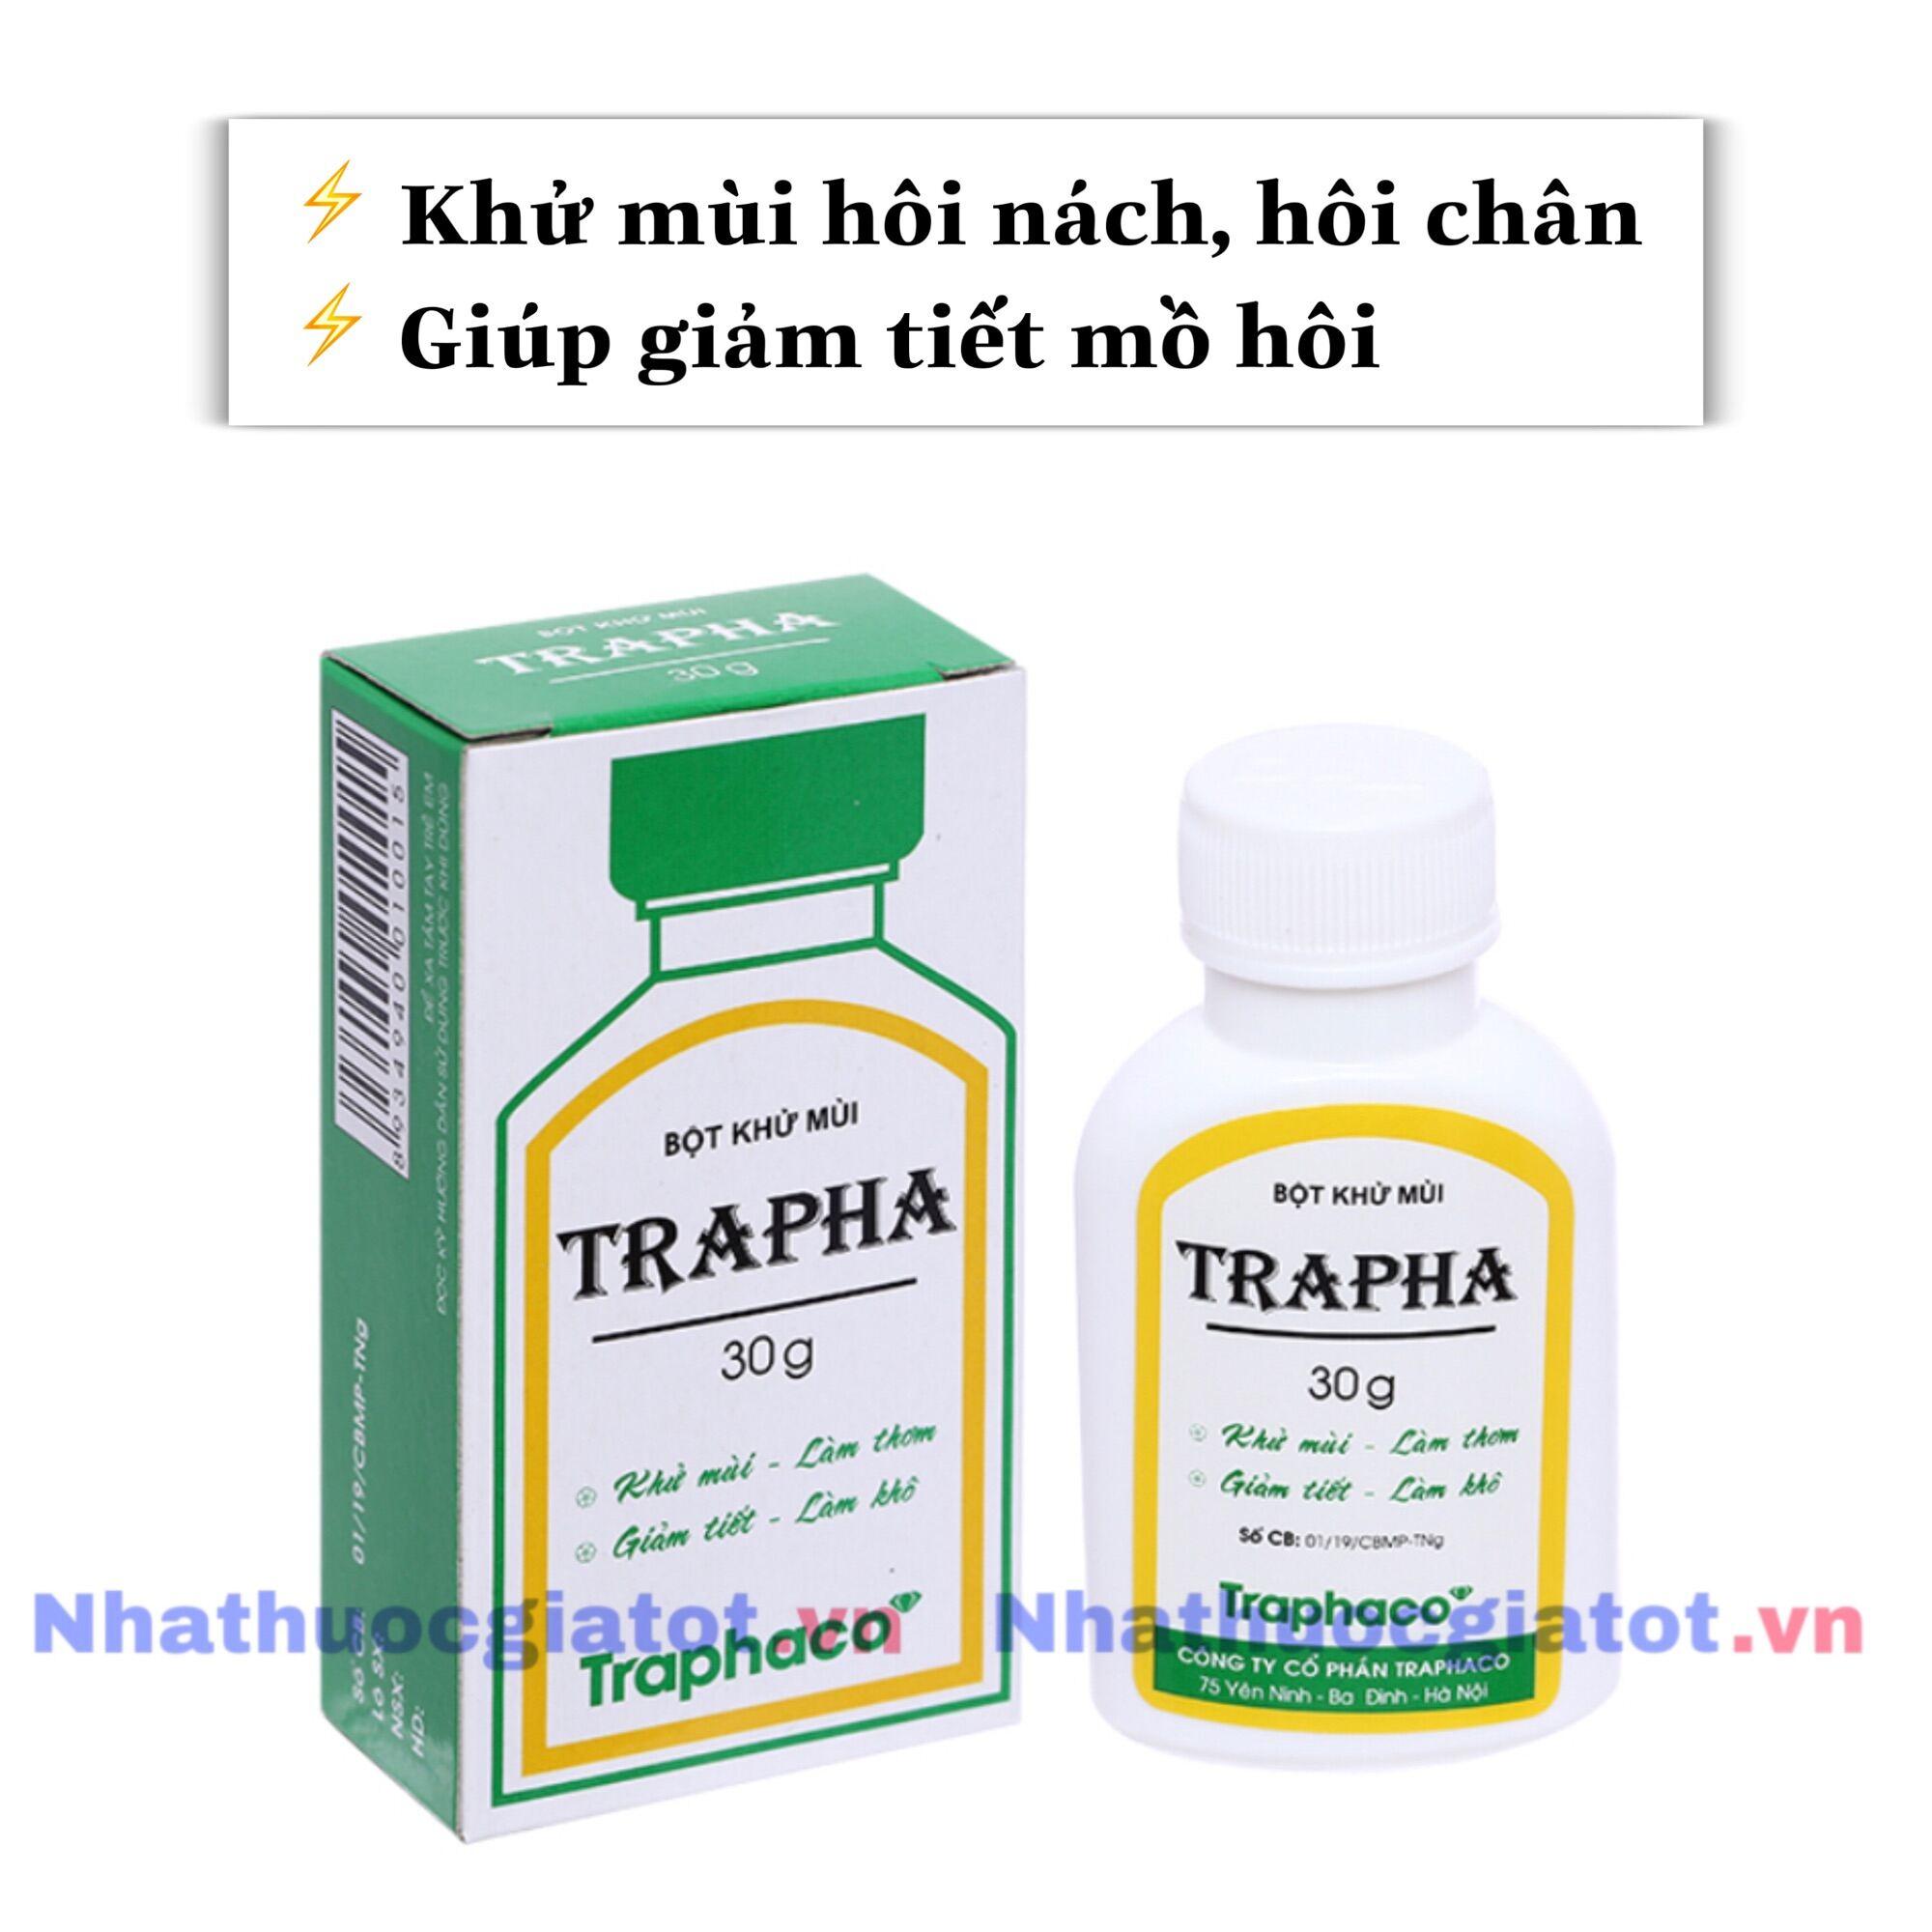 Bột Khử Mùi TRAPHA (Dược TRAPHACO) Giúp Khử Mùi Và Giảm Tiết Mồ Hôi, Tiện Dụng Cho Người Bị Hôi Chân, Hôi Nách